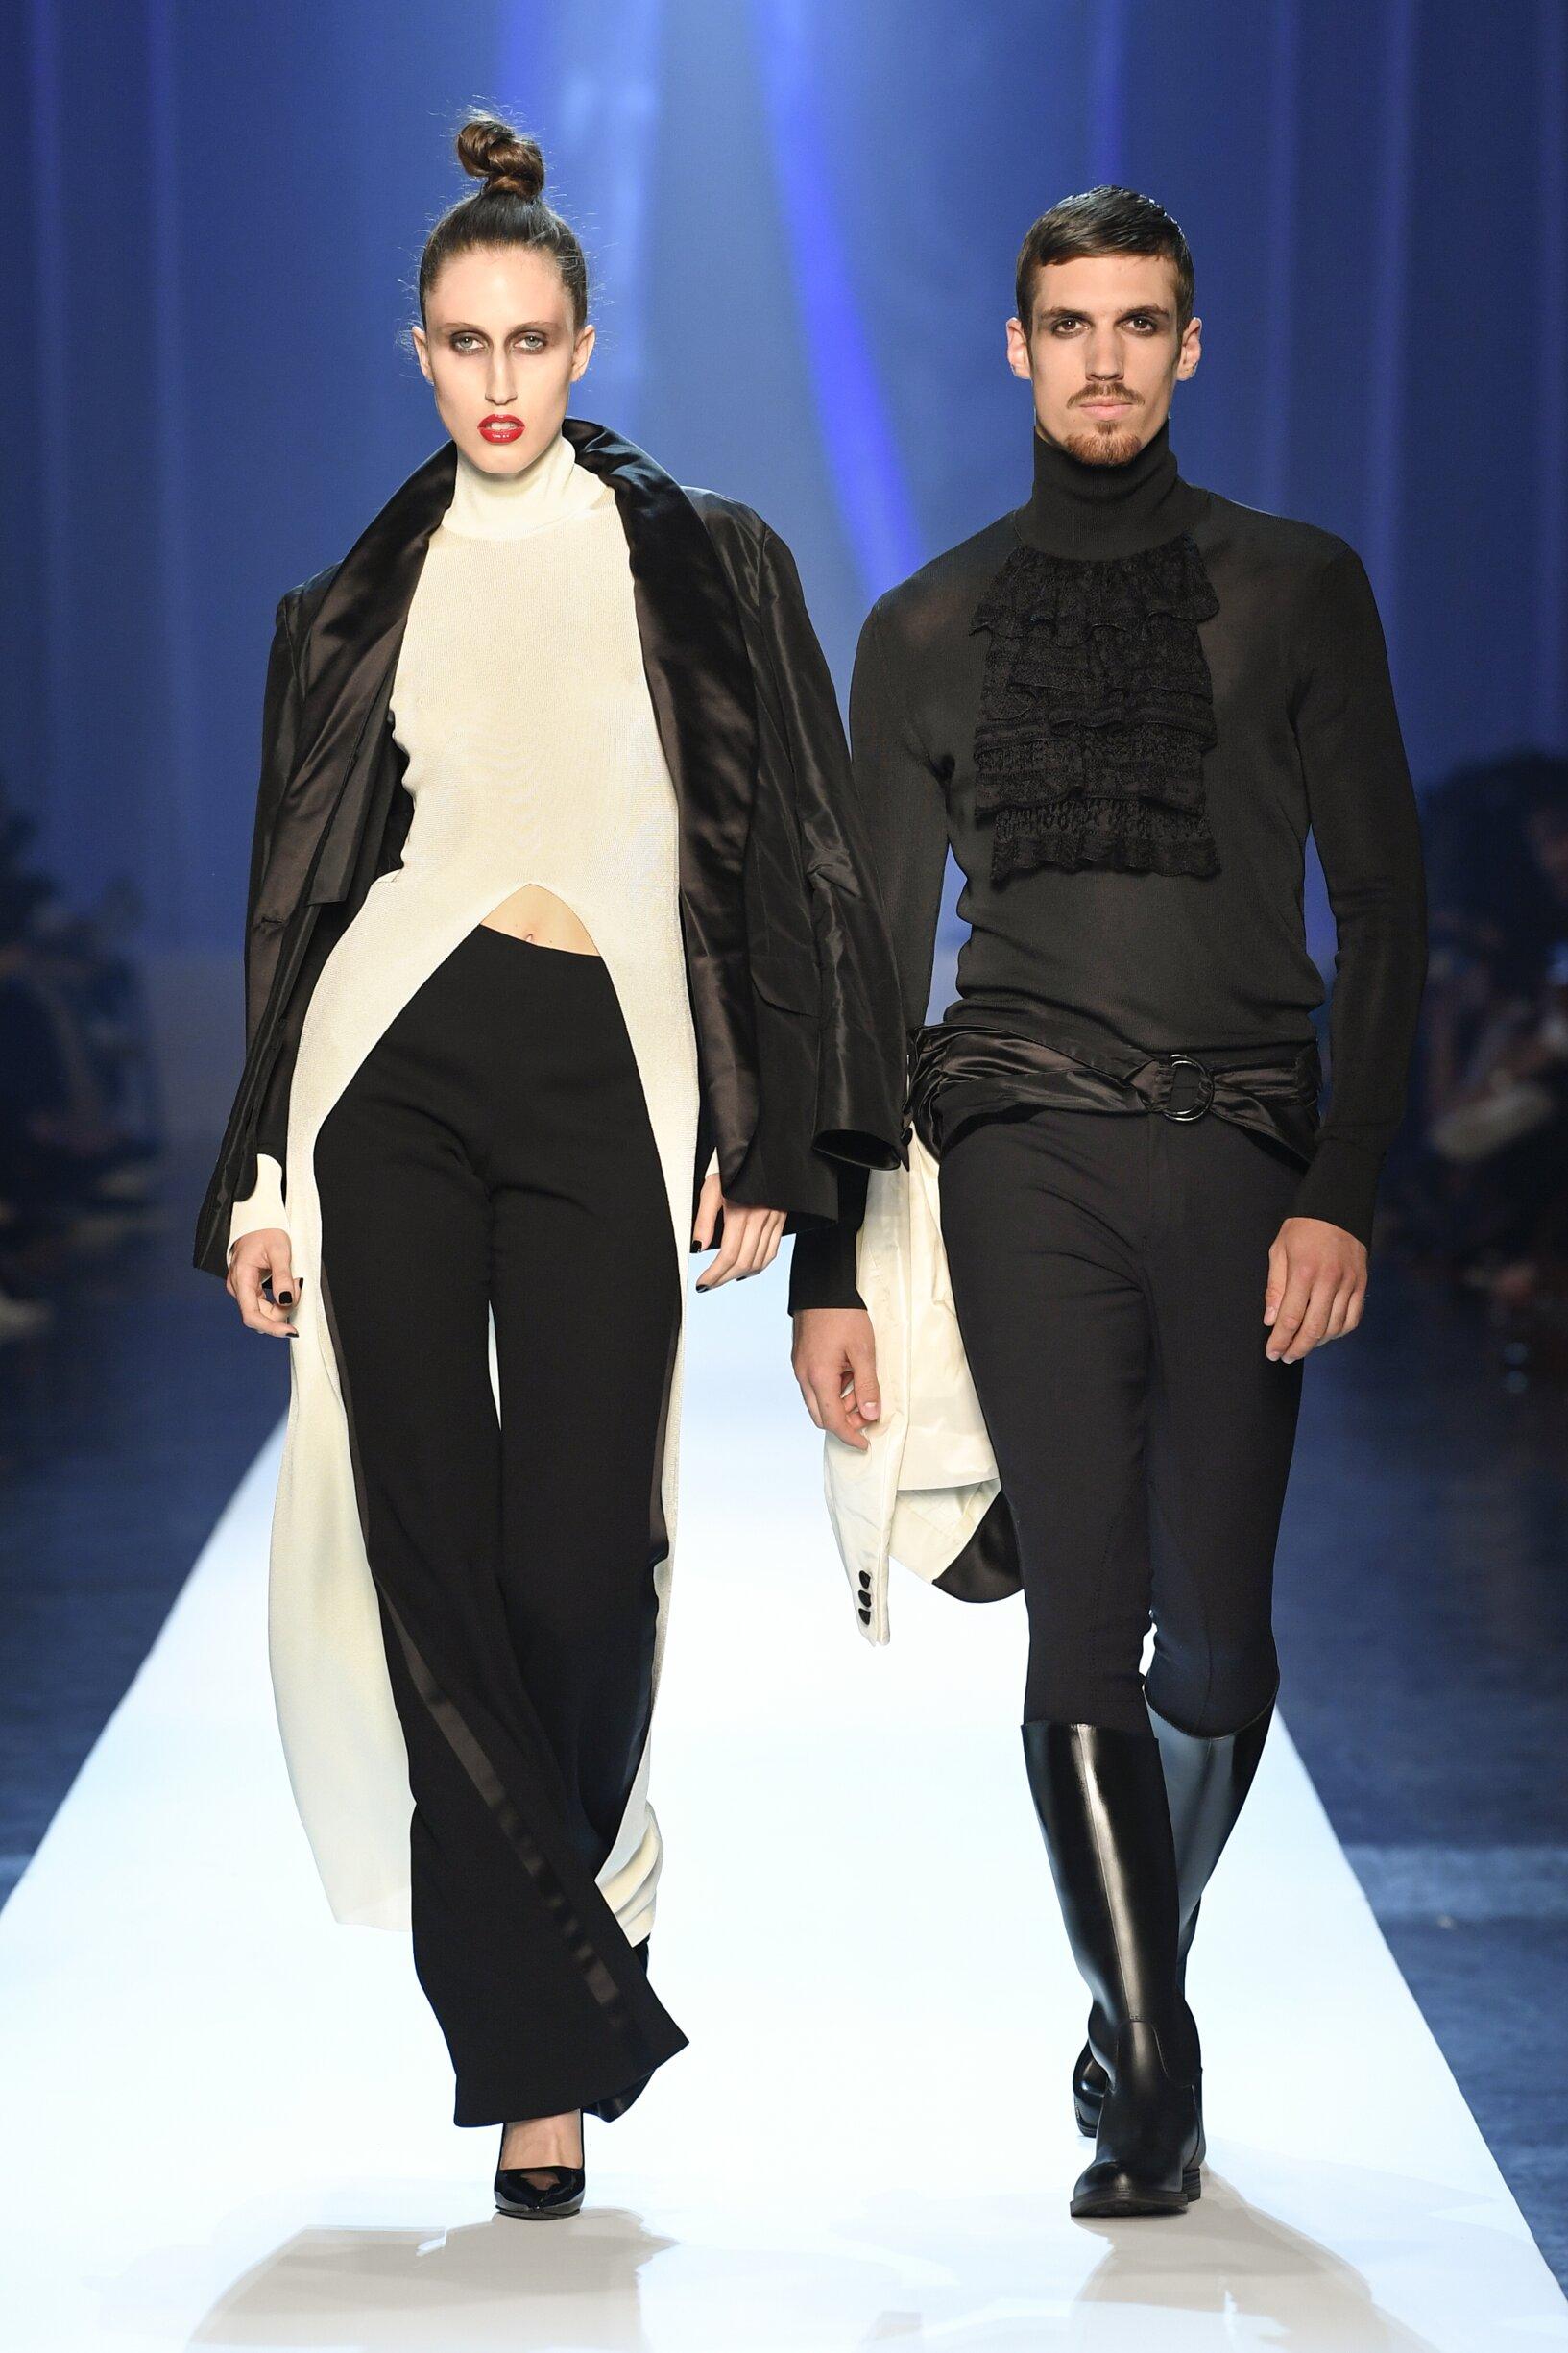 Fashion Models Jean-Paul Gaultier Haute Couture Catwalk